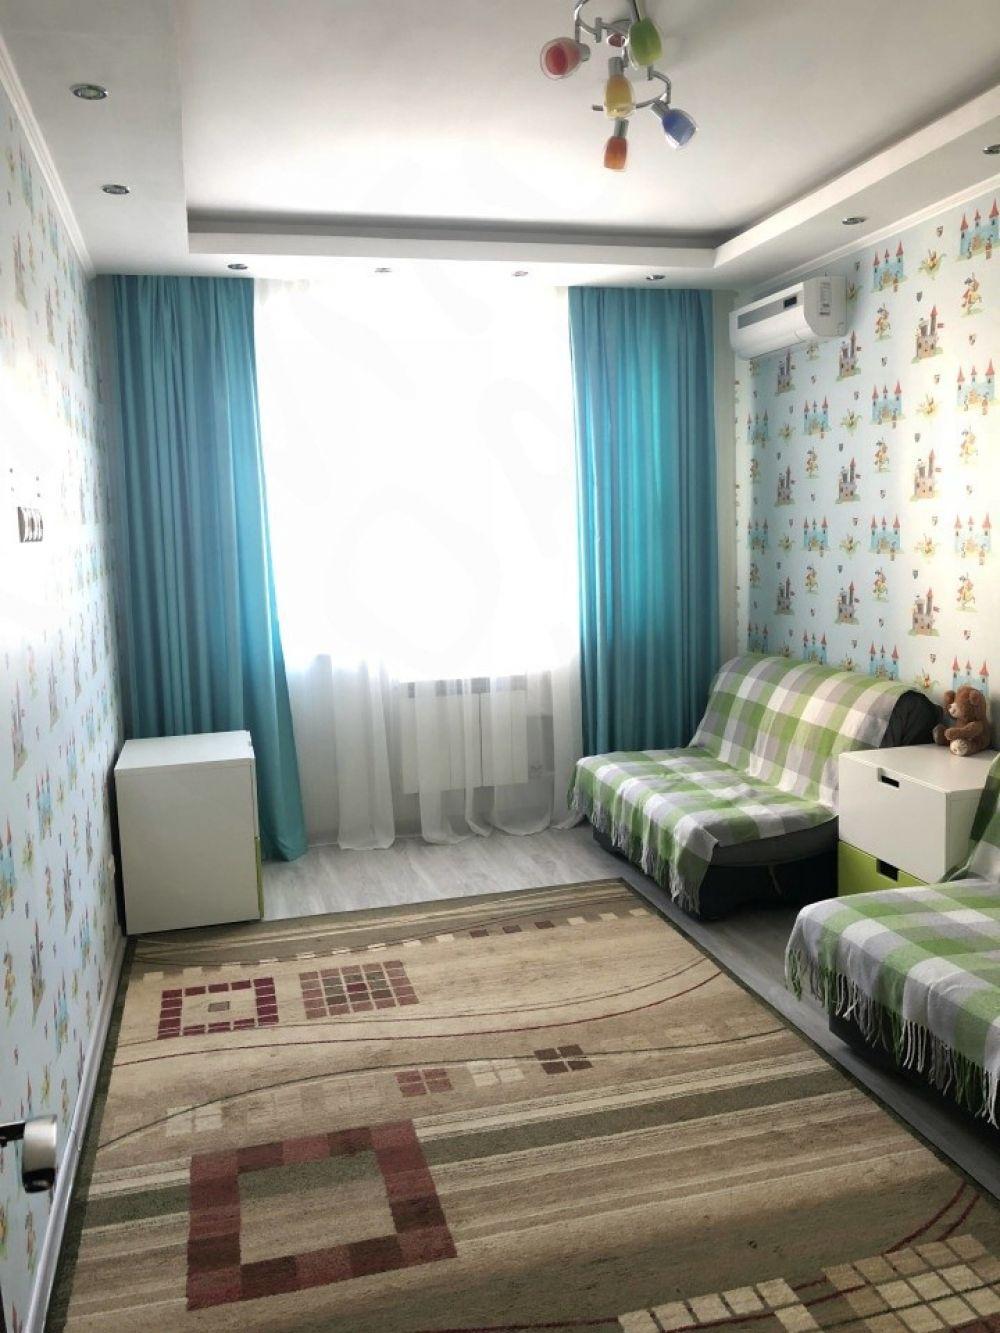 3-к квартира, п. Свердловский, ул. Строителей, 6, фото 8